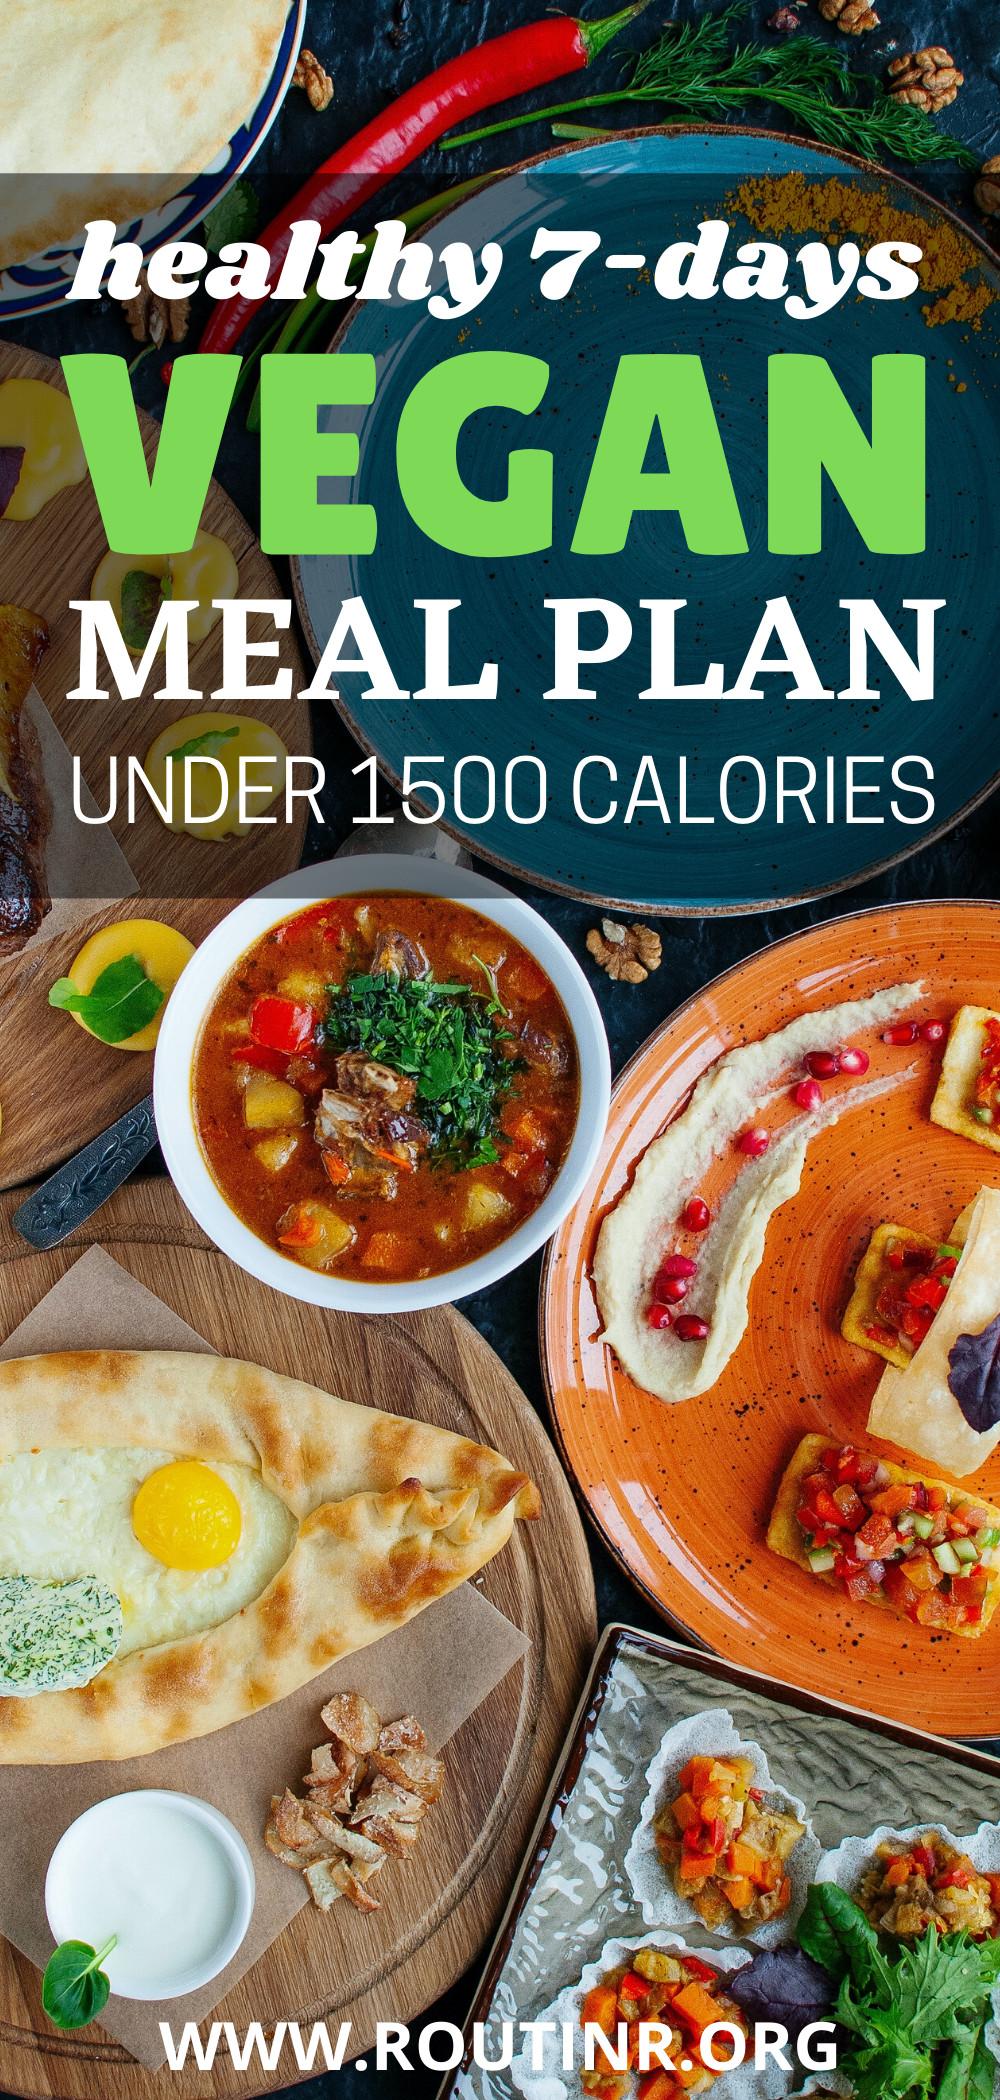 Going Vegan Plan  HEALTHY 7 DAYS VEGAN MEAL PLAN UNDER 1500 CALORIES in